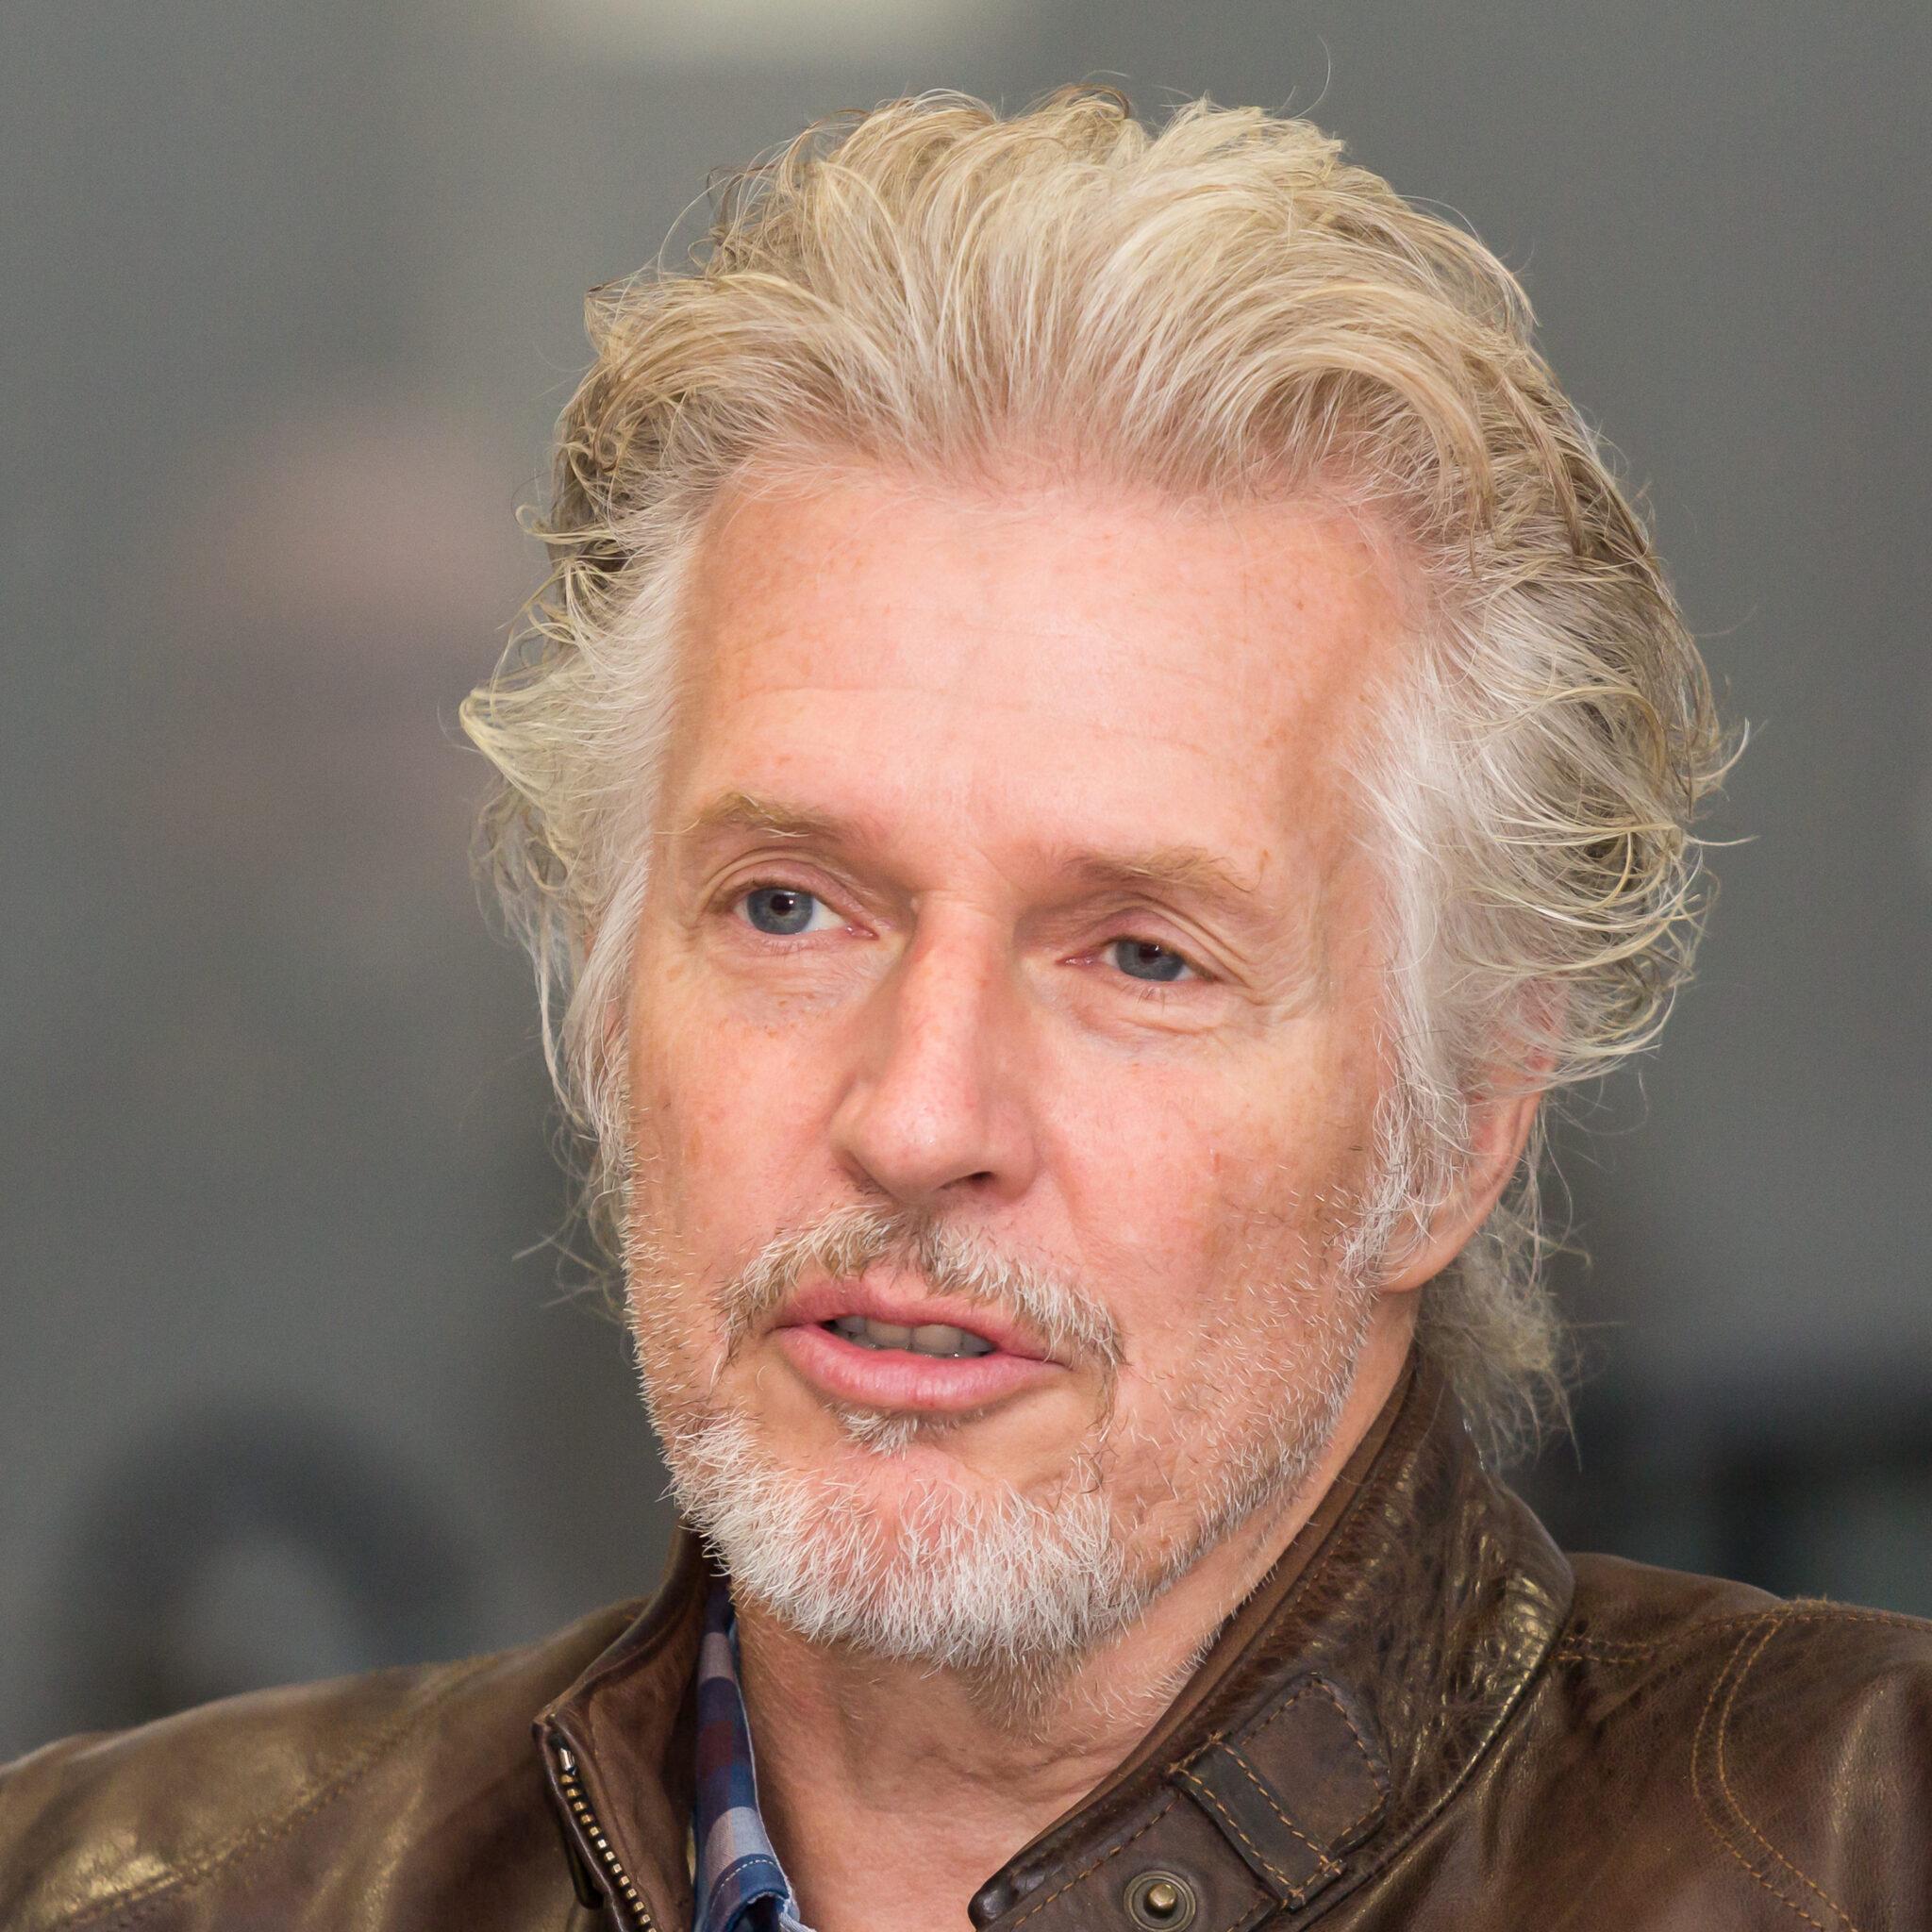 Eine Porträtaufnahme des Autors Frank Schätzing, der den Roman Der Schwarm geschrieben hat.